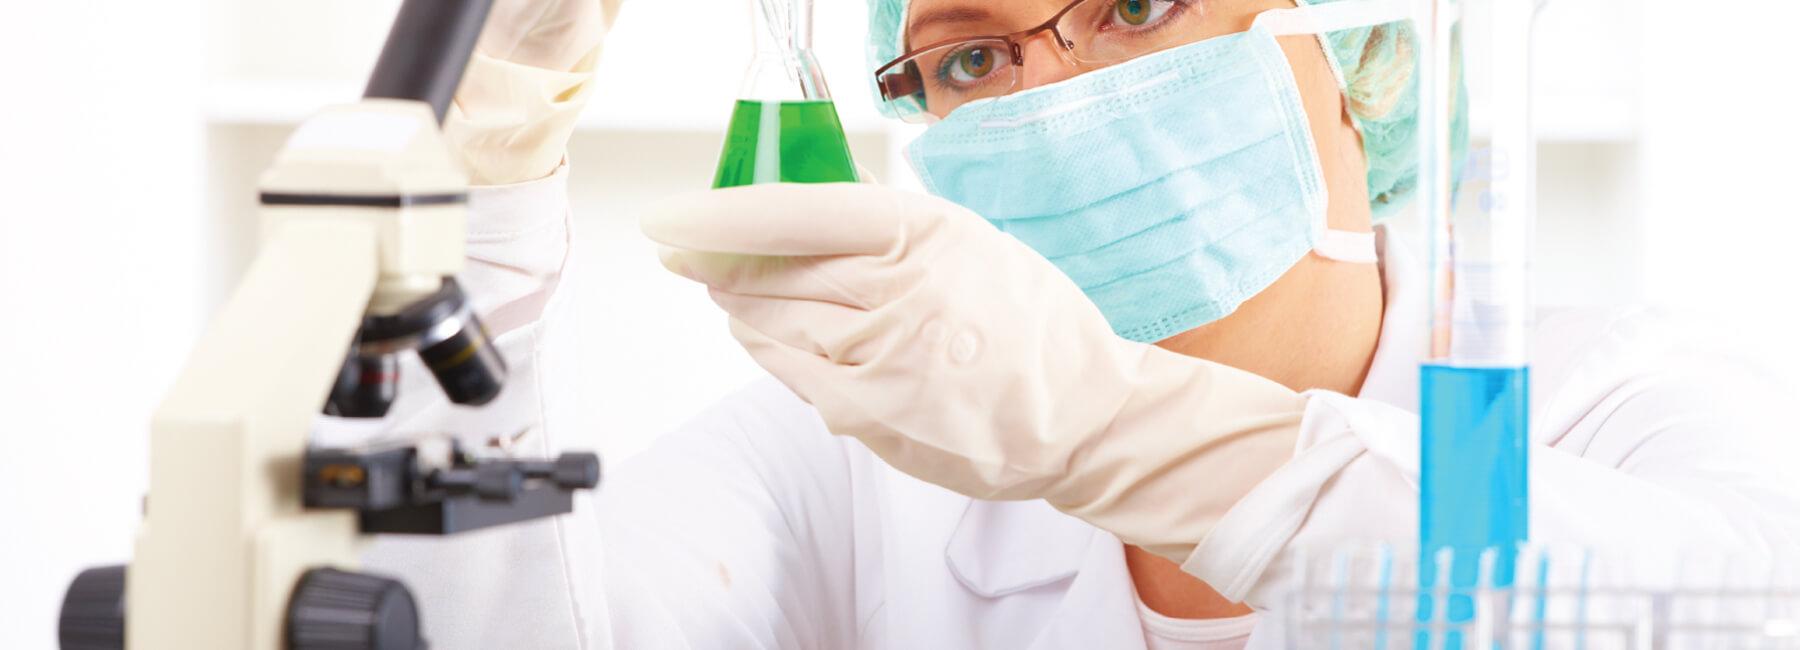 Científico en laboratorio con una muestra